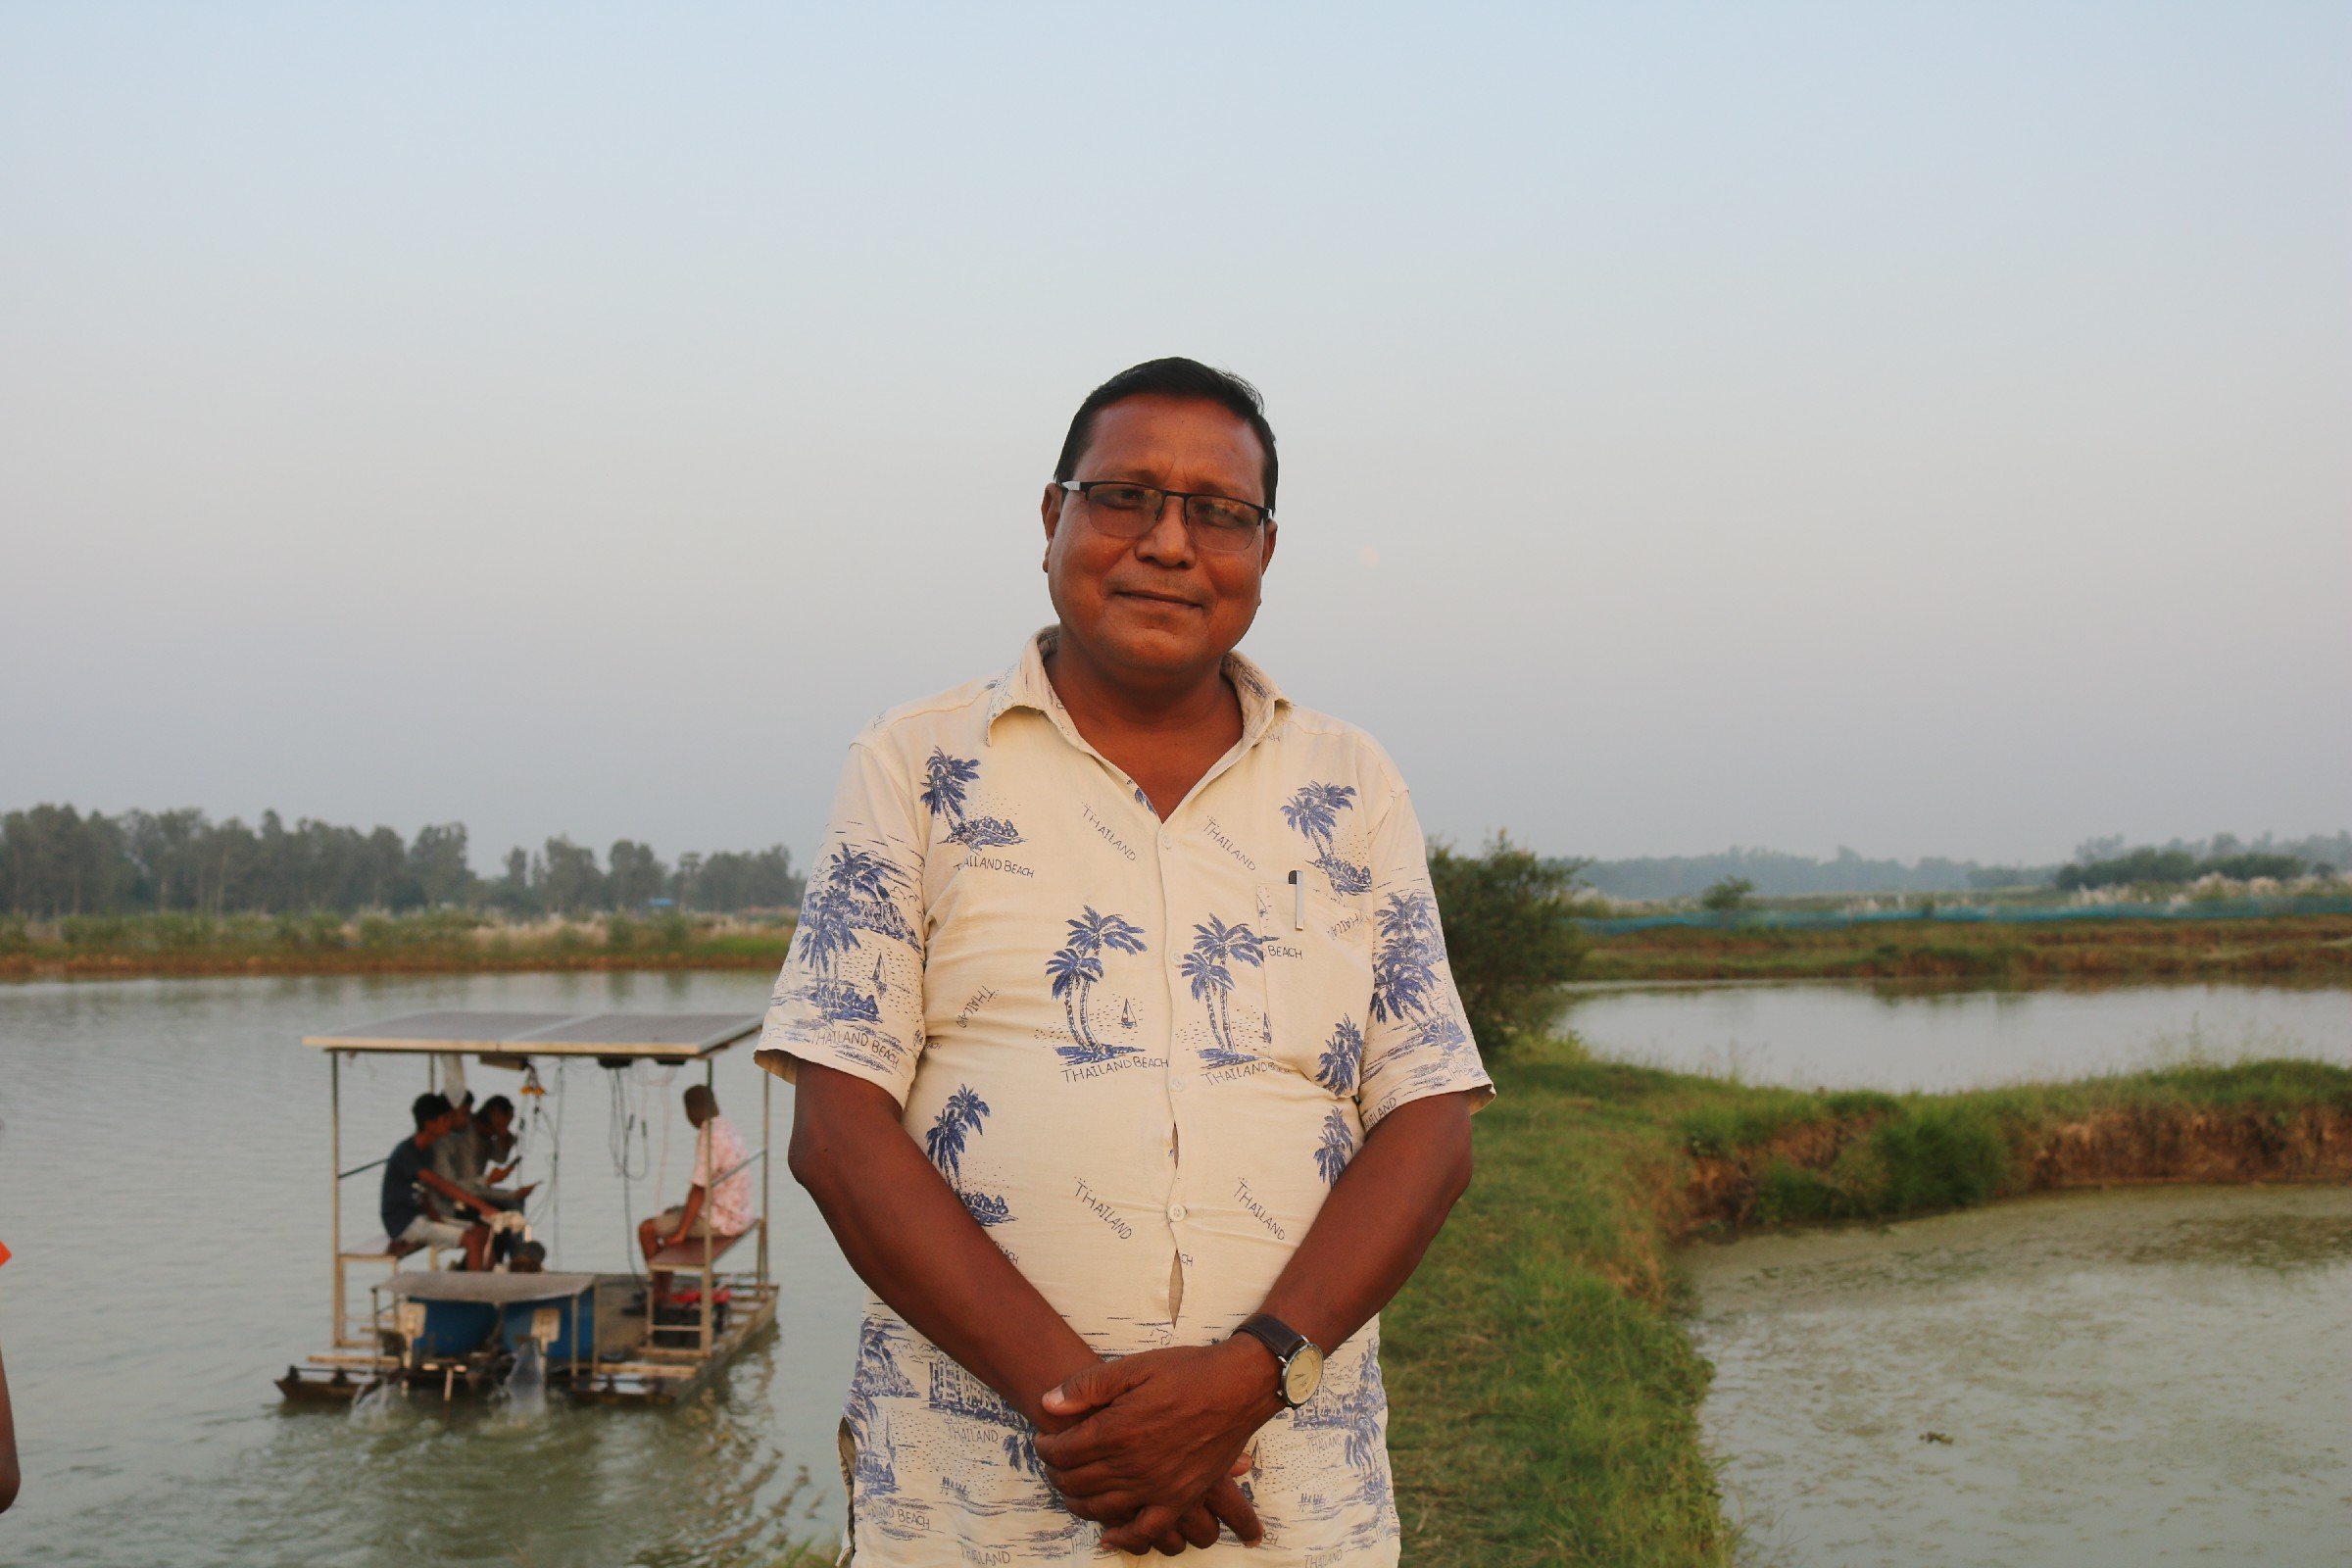 कृषक सोबरन राना, गल्लाव्यापारी हुदै मतस्य पालनमा ख्याति प्राप्त